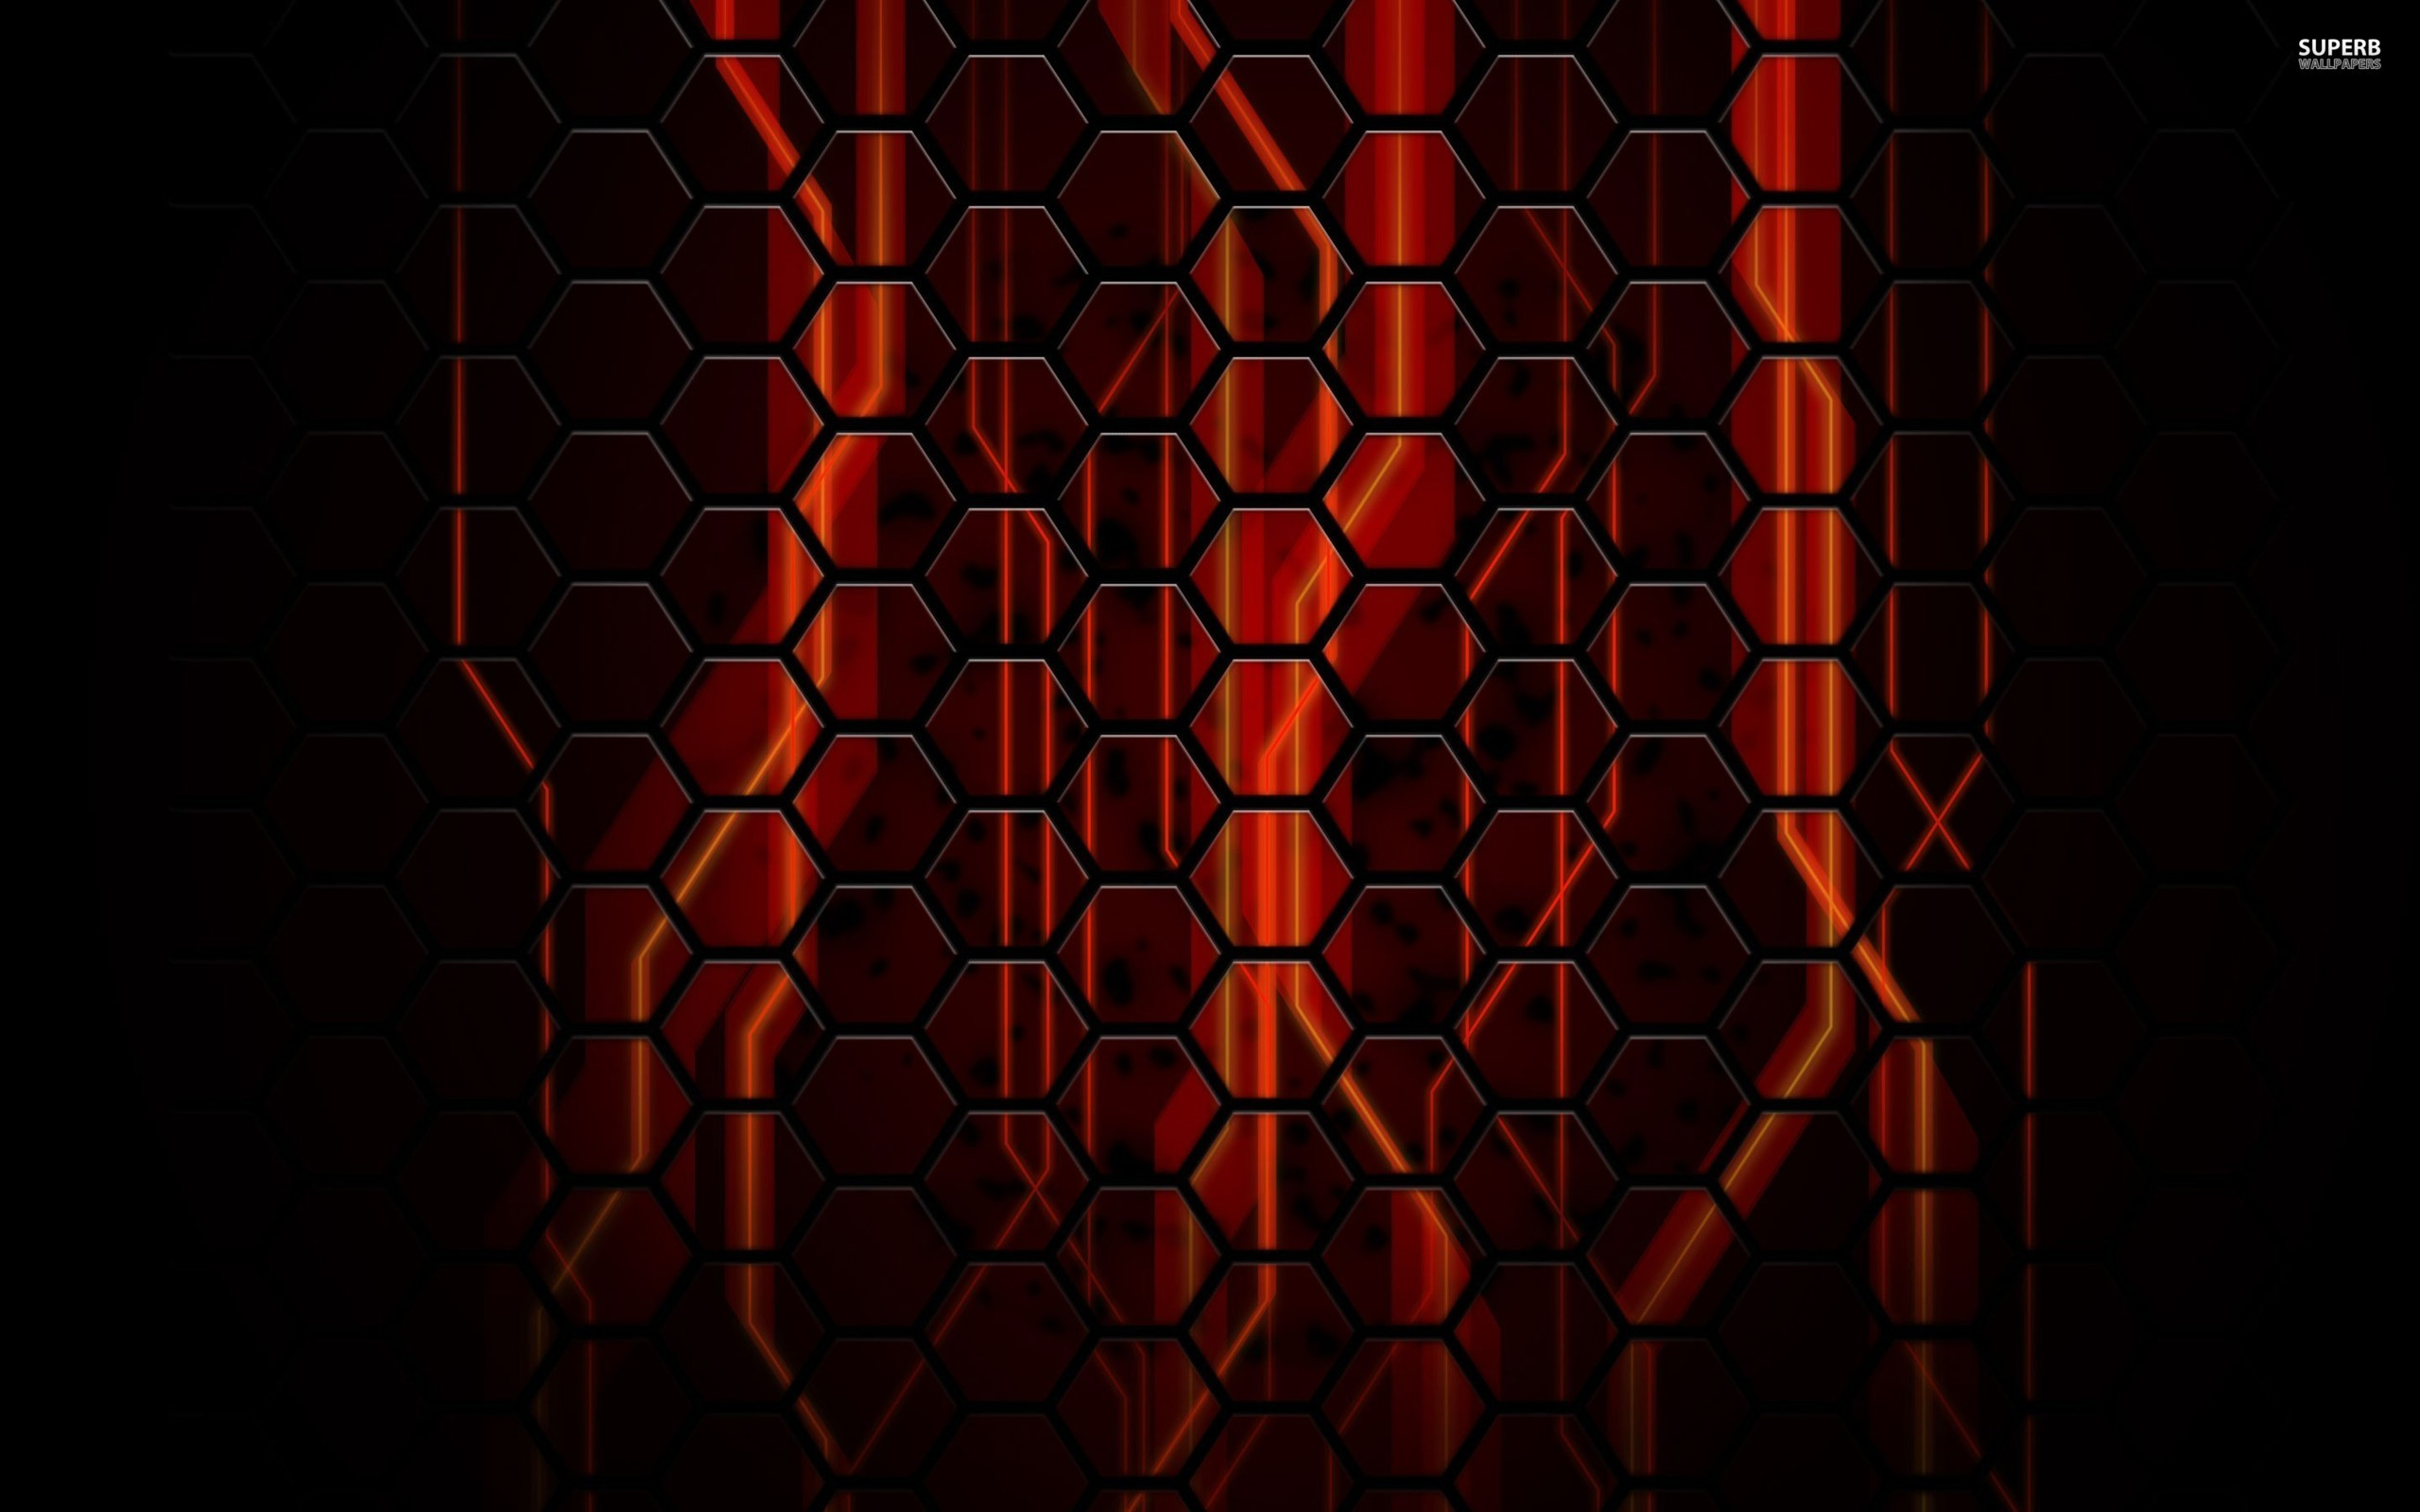 Fonds d'écran Honeycomb : tous les wallpapers Honeycomb